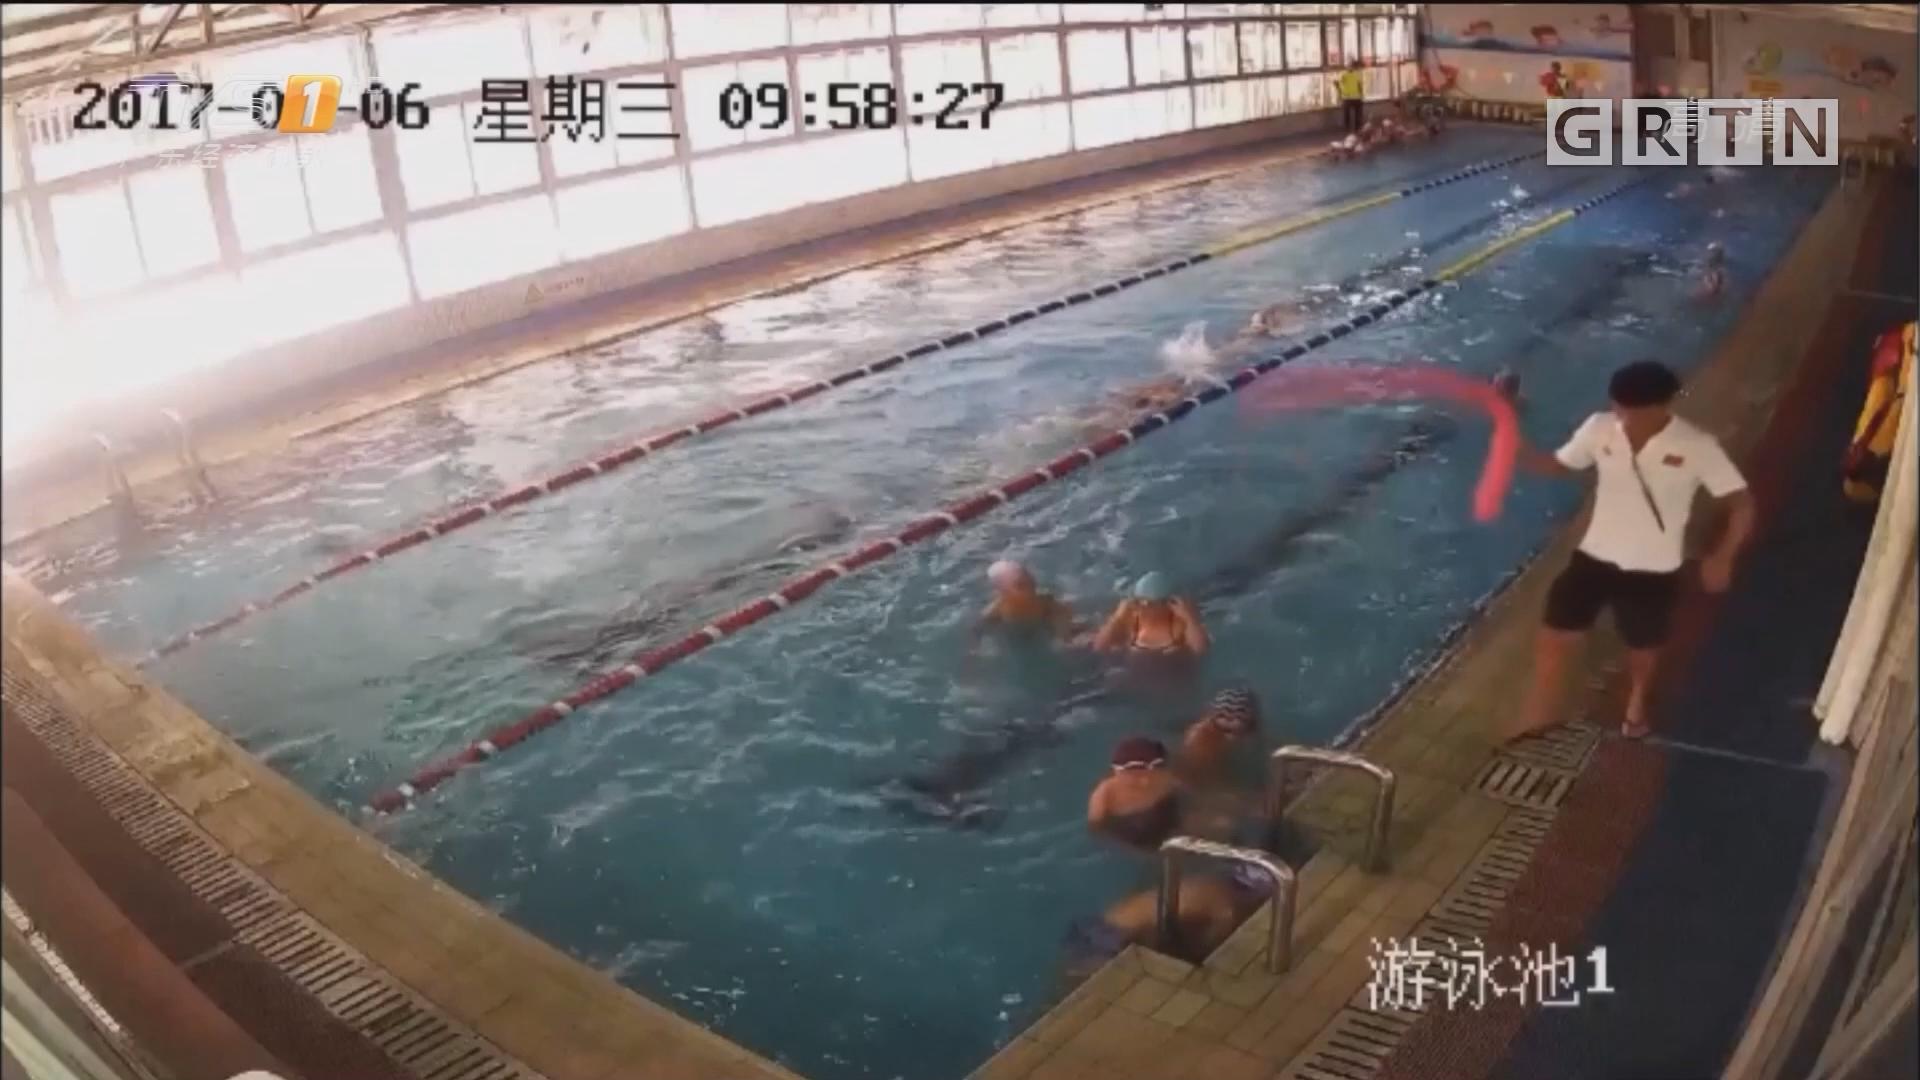 新闻调查:九岁男童溺毙学校游泳课 遭无证急救员抽打(上)